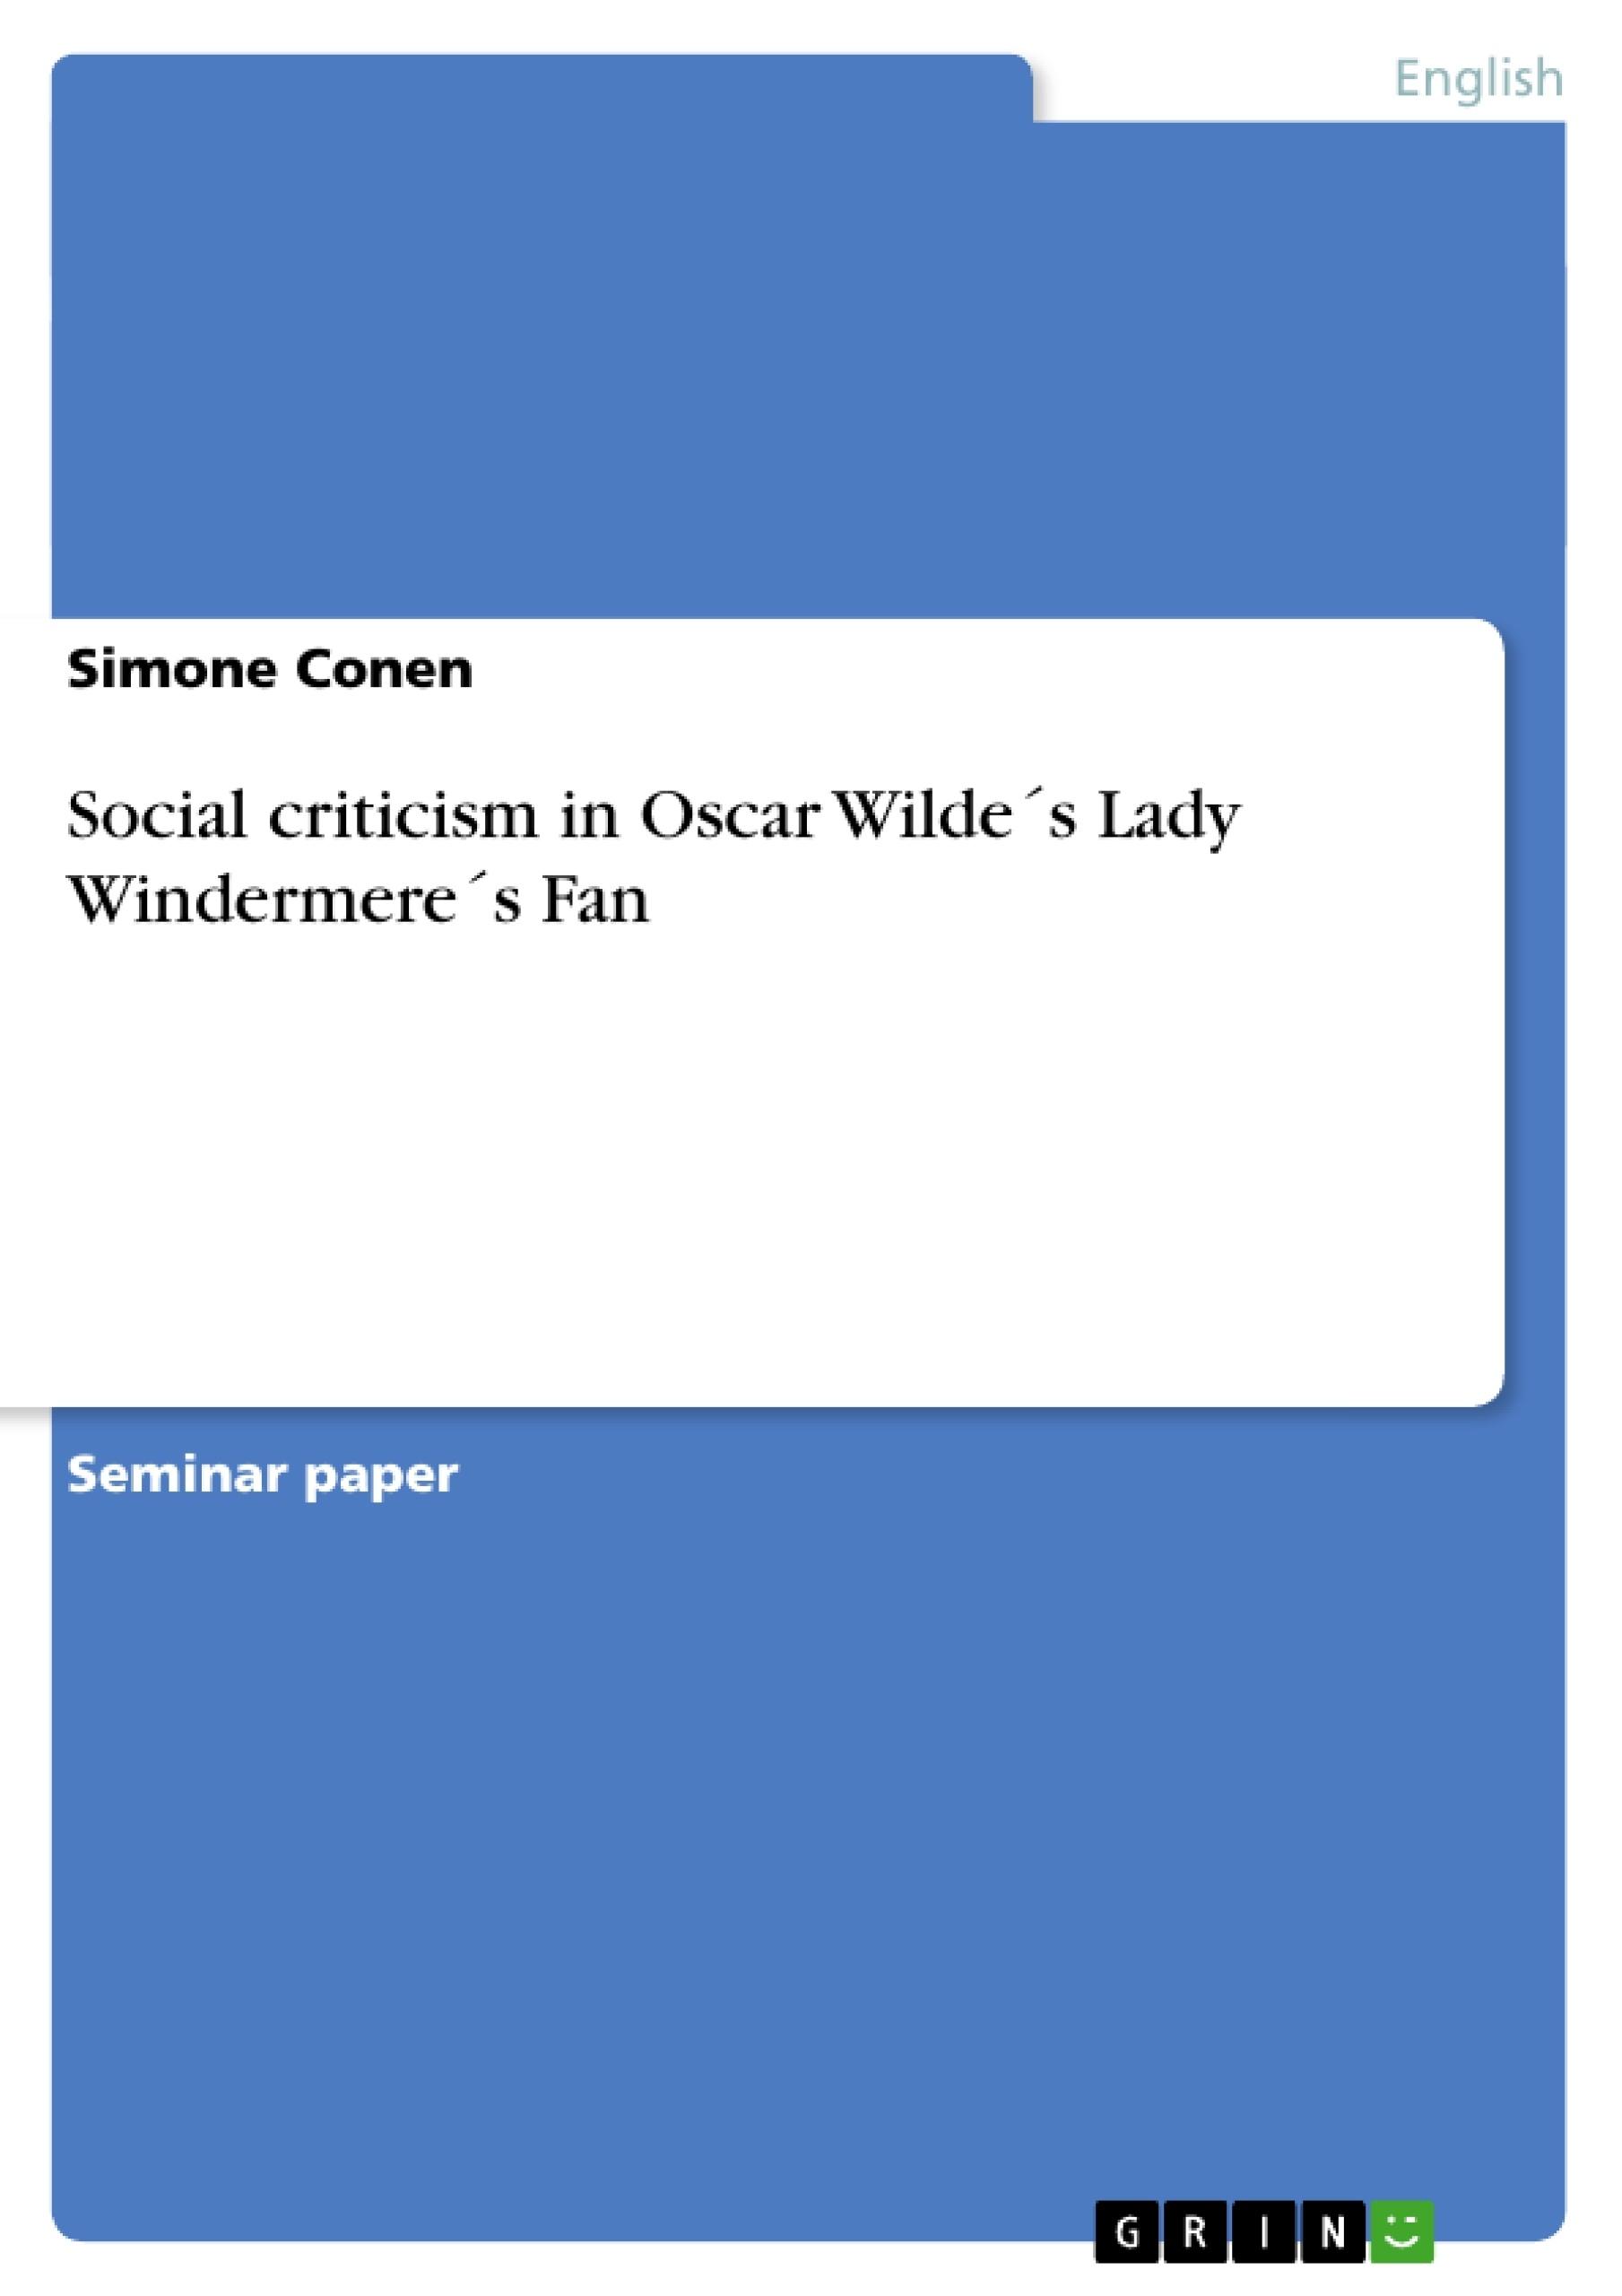 Title: Social criticism in Oscar Wilde´s Lady Windermere´s Fan